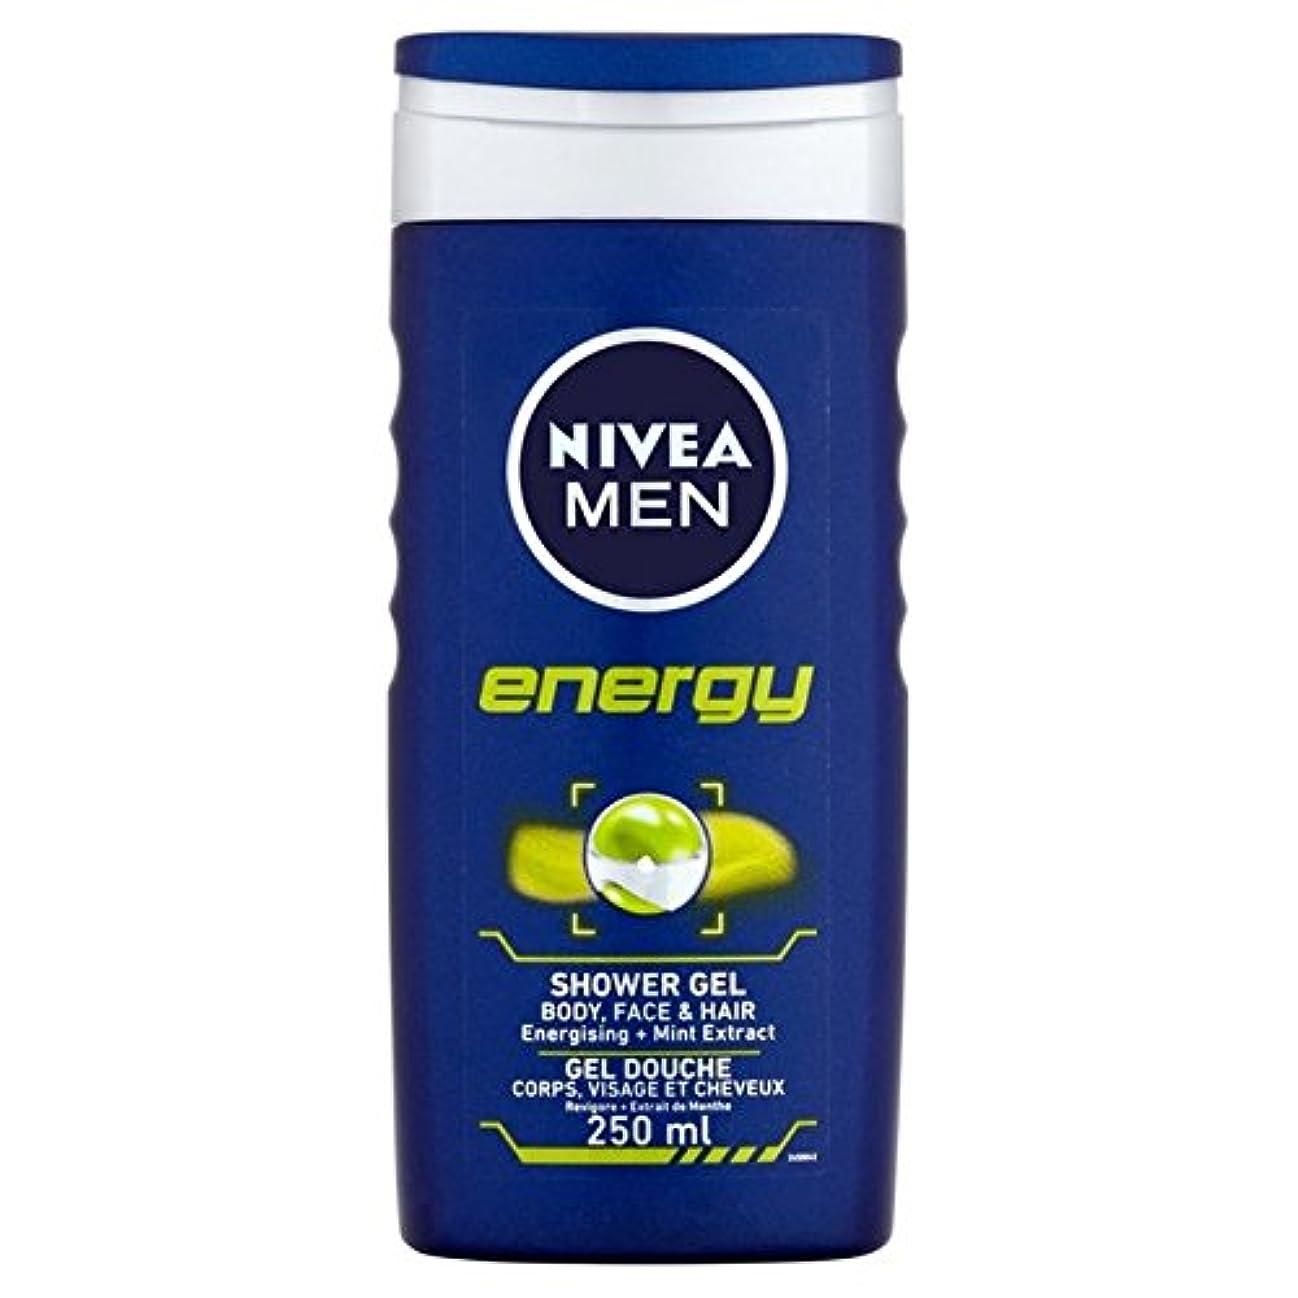 配列移動トランザクション1つのシャワー250ミリリットル中ニベアの男性のエネルギー2 x4 - Nivea Men Energy 2 in 1 Shower 250ml (Pack of 4) [並行輸入品]